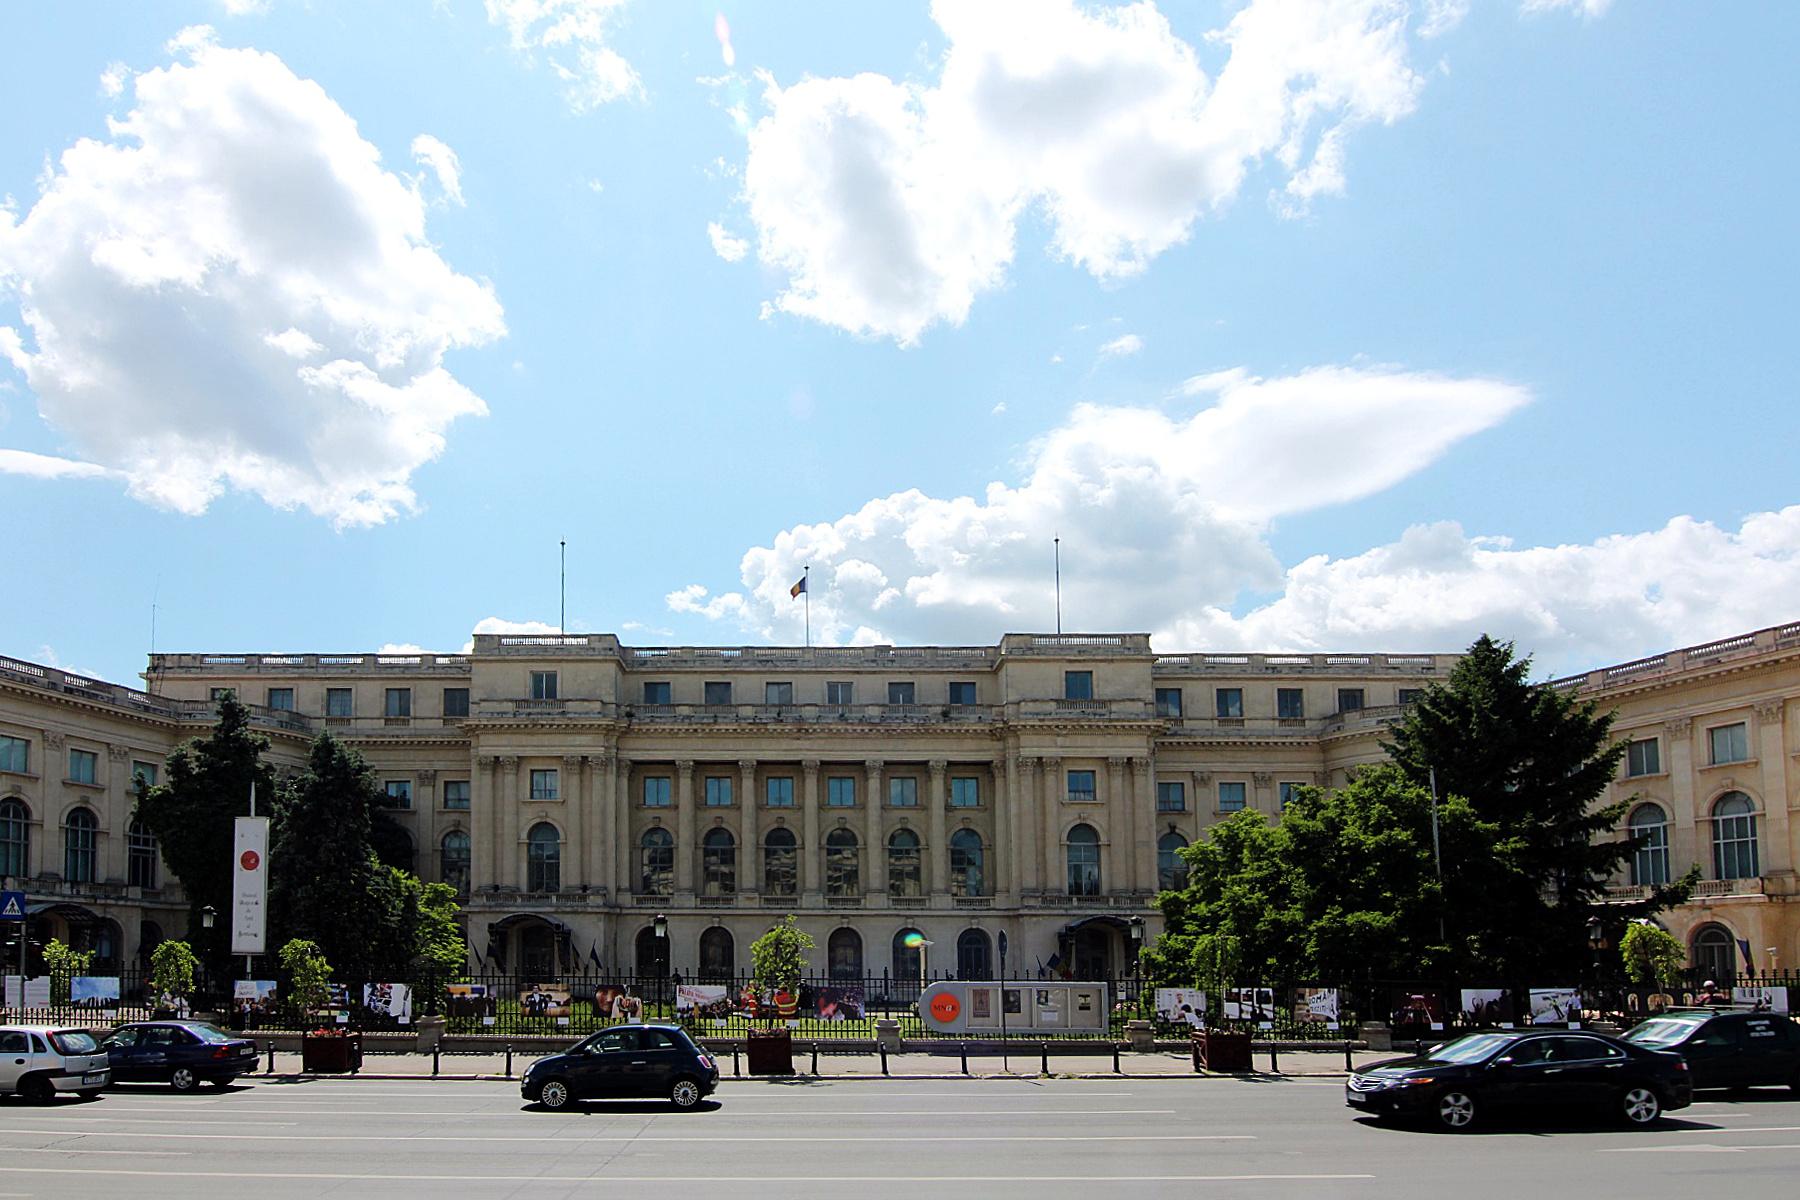 Curiozități despre Palatul Regal din București